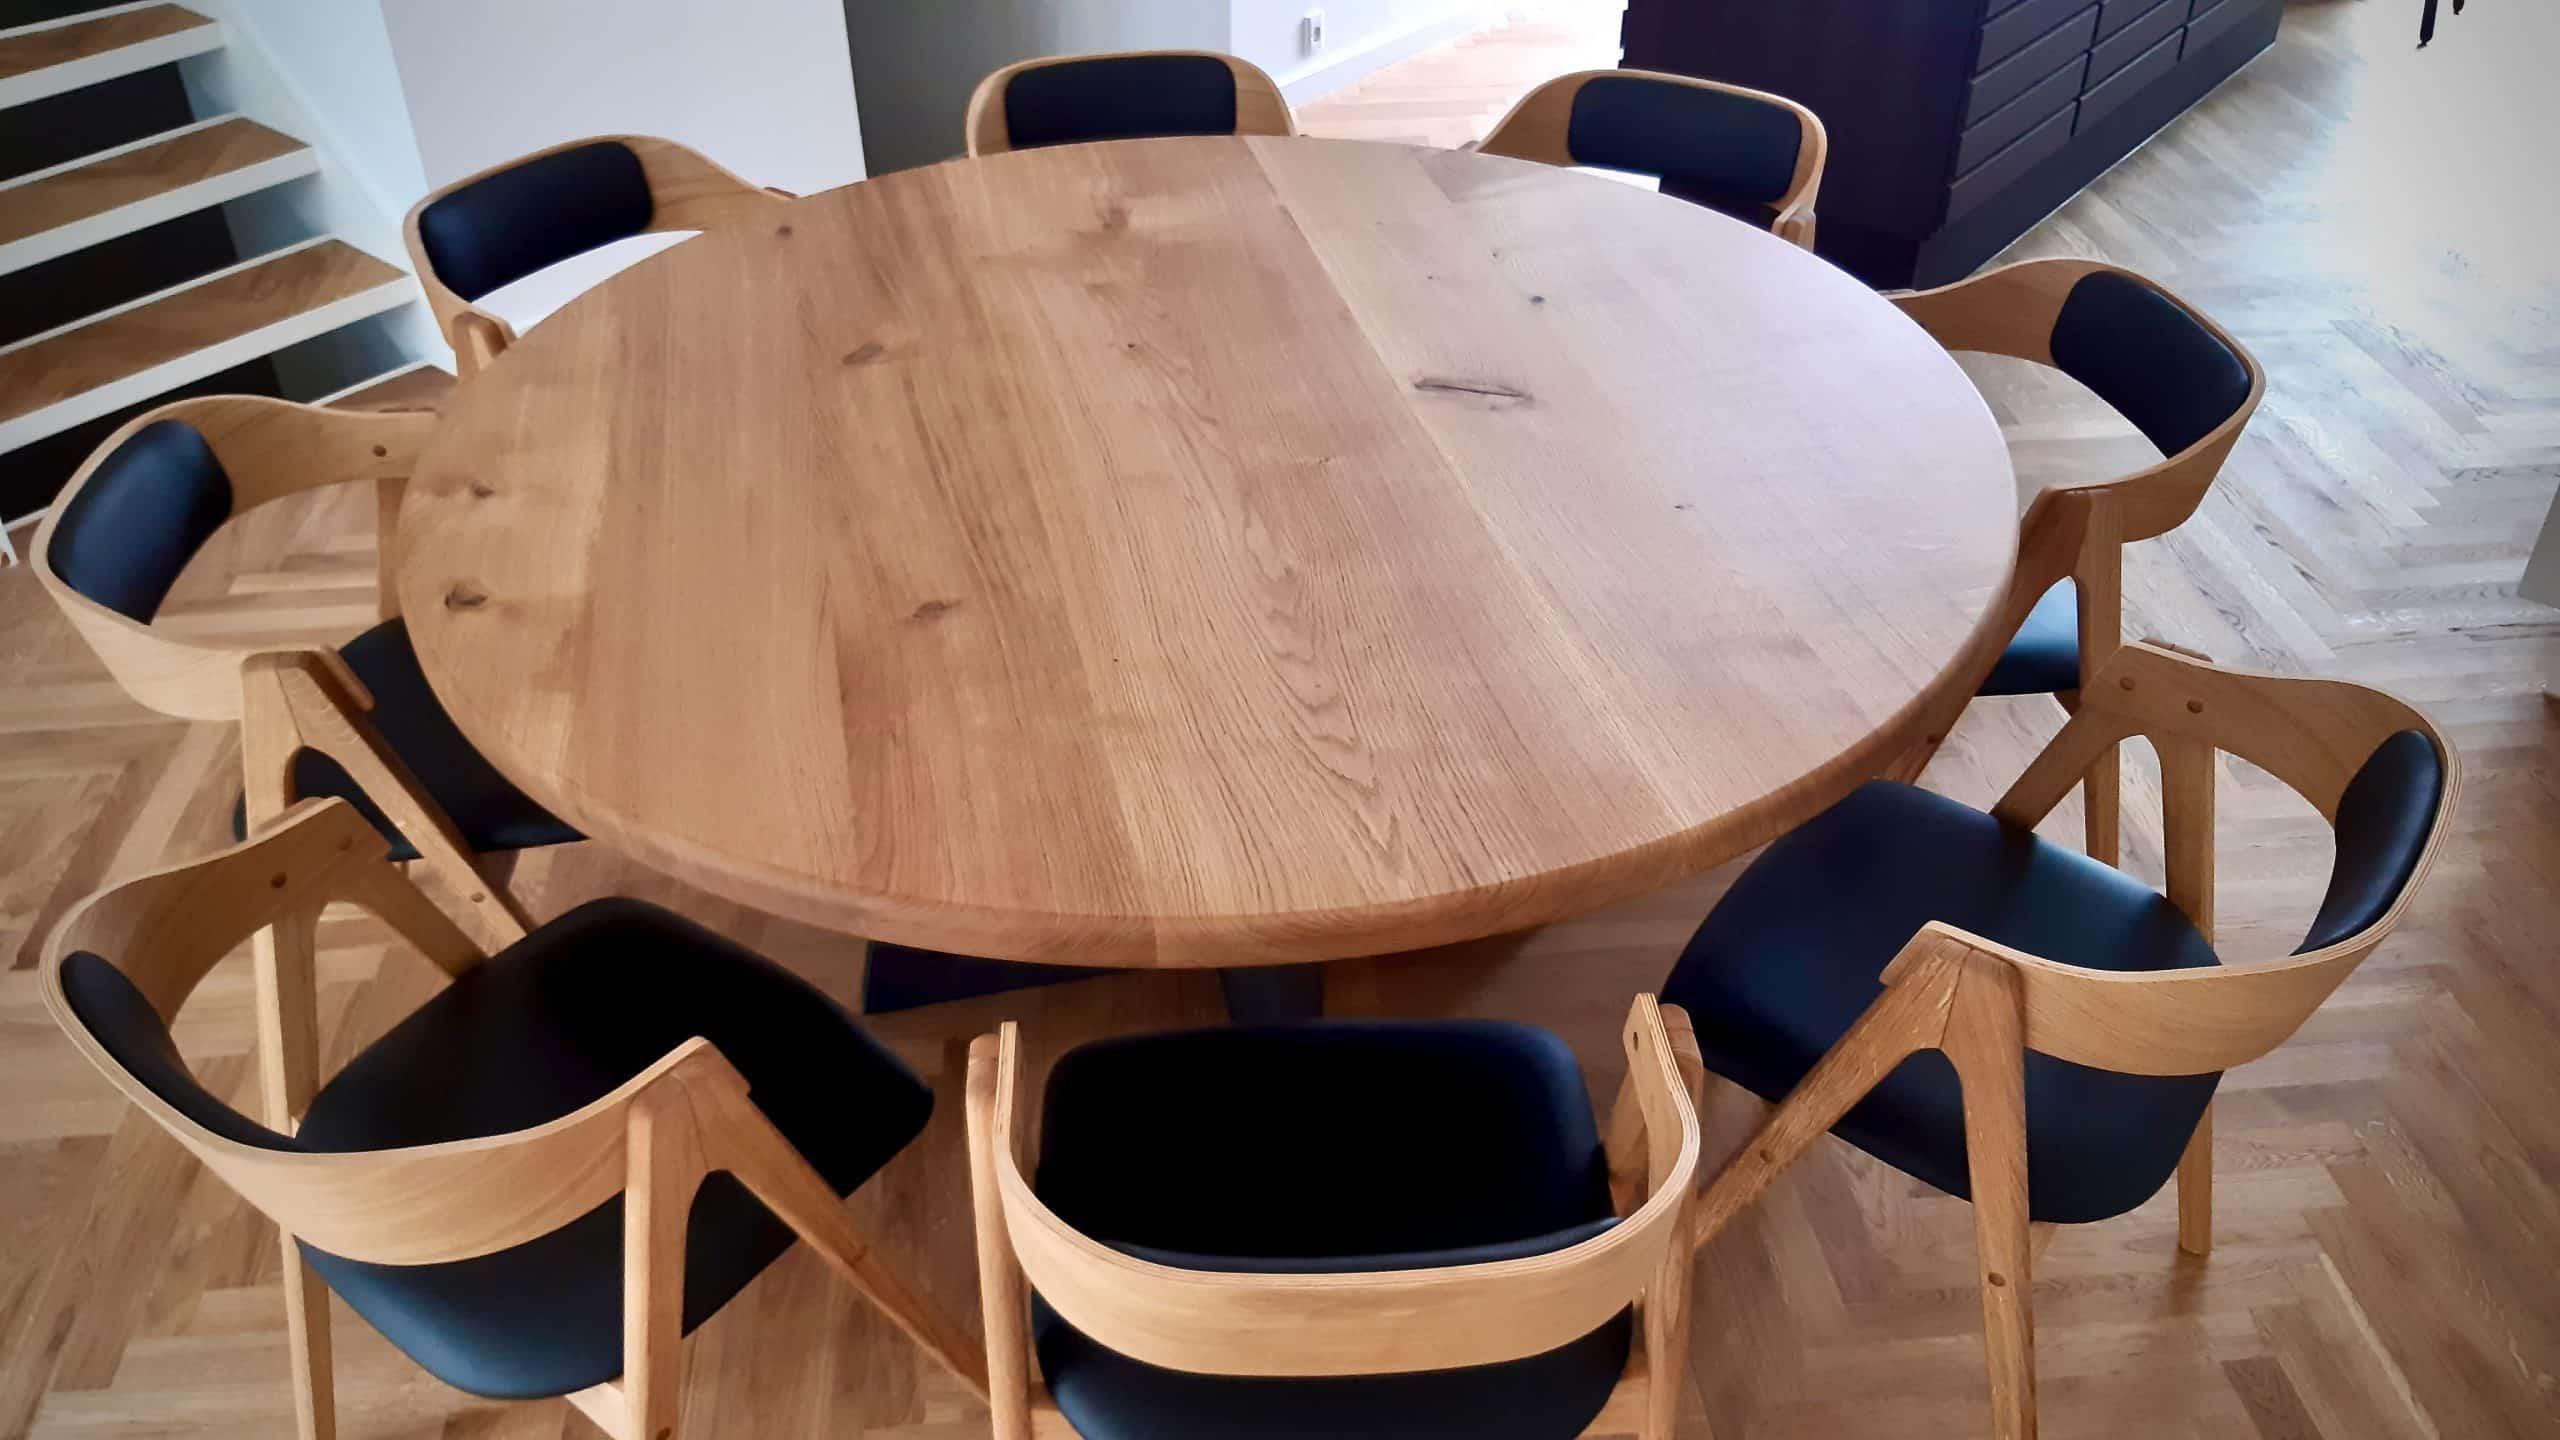 rundtbord rundbord ovalt bord bord i trae traebord traemobler kaerbygaard kaerbygård august 2020 13 scaled